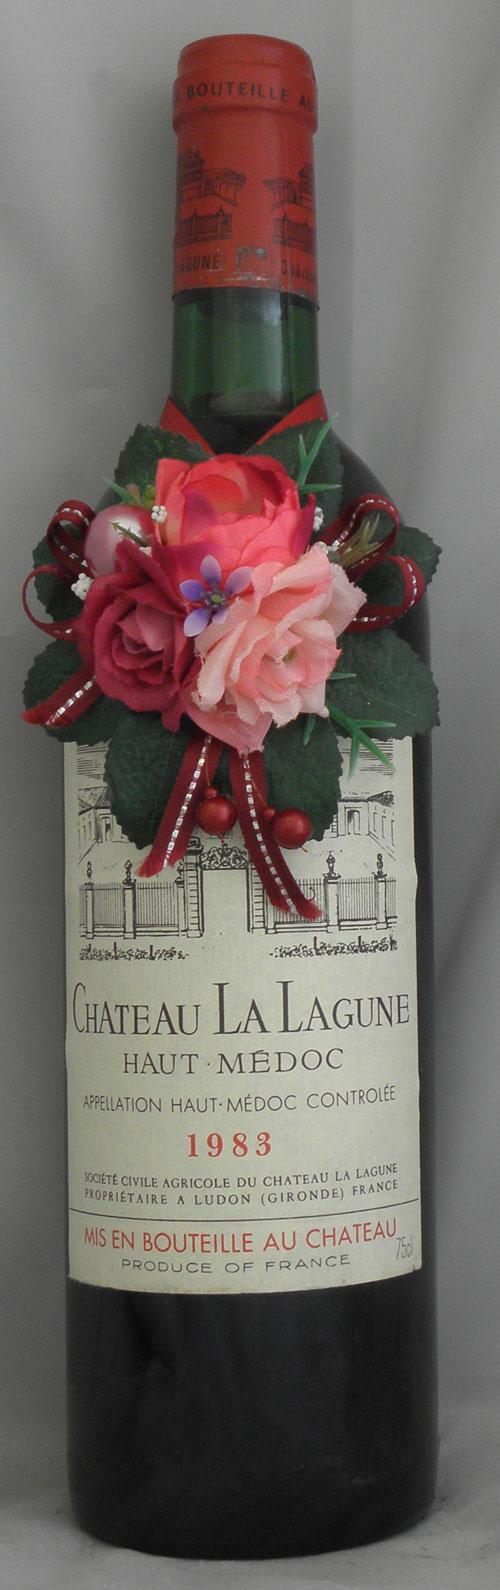 1983年 シャトー ラ ラギューヌ(フランス 赤ワイン)